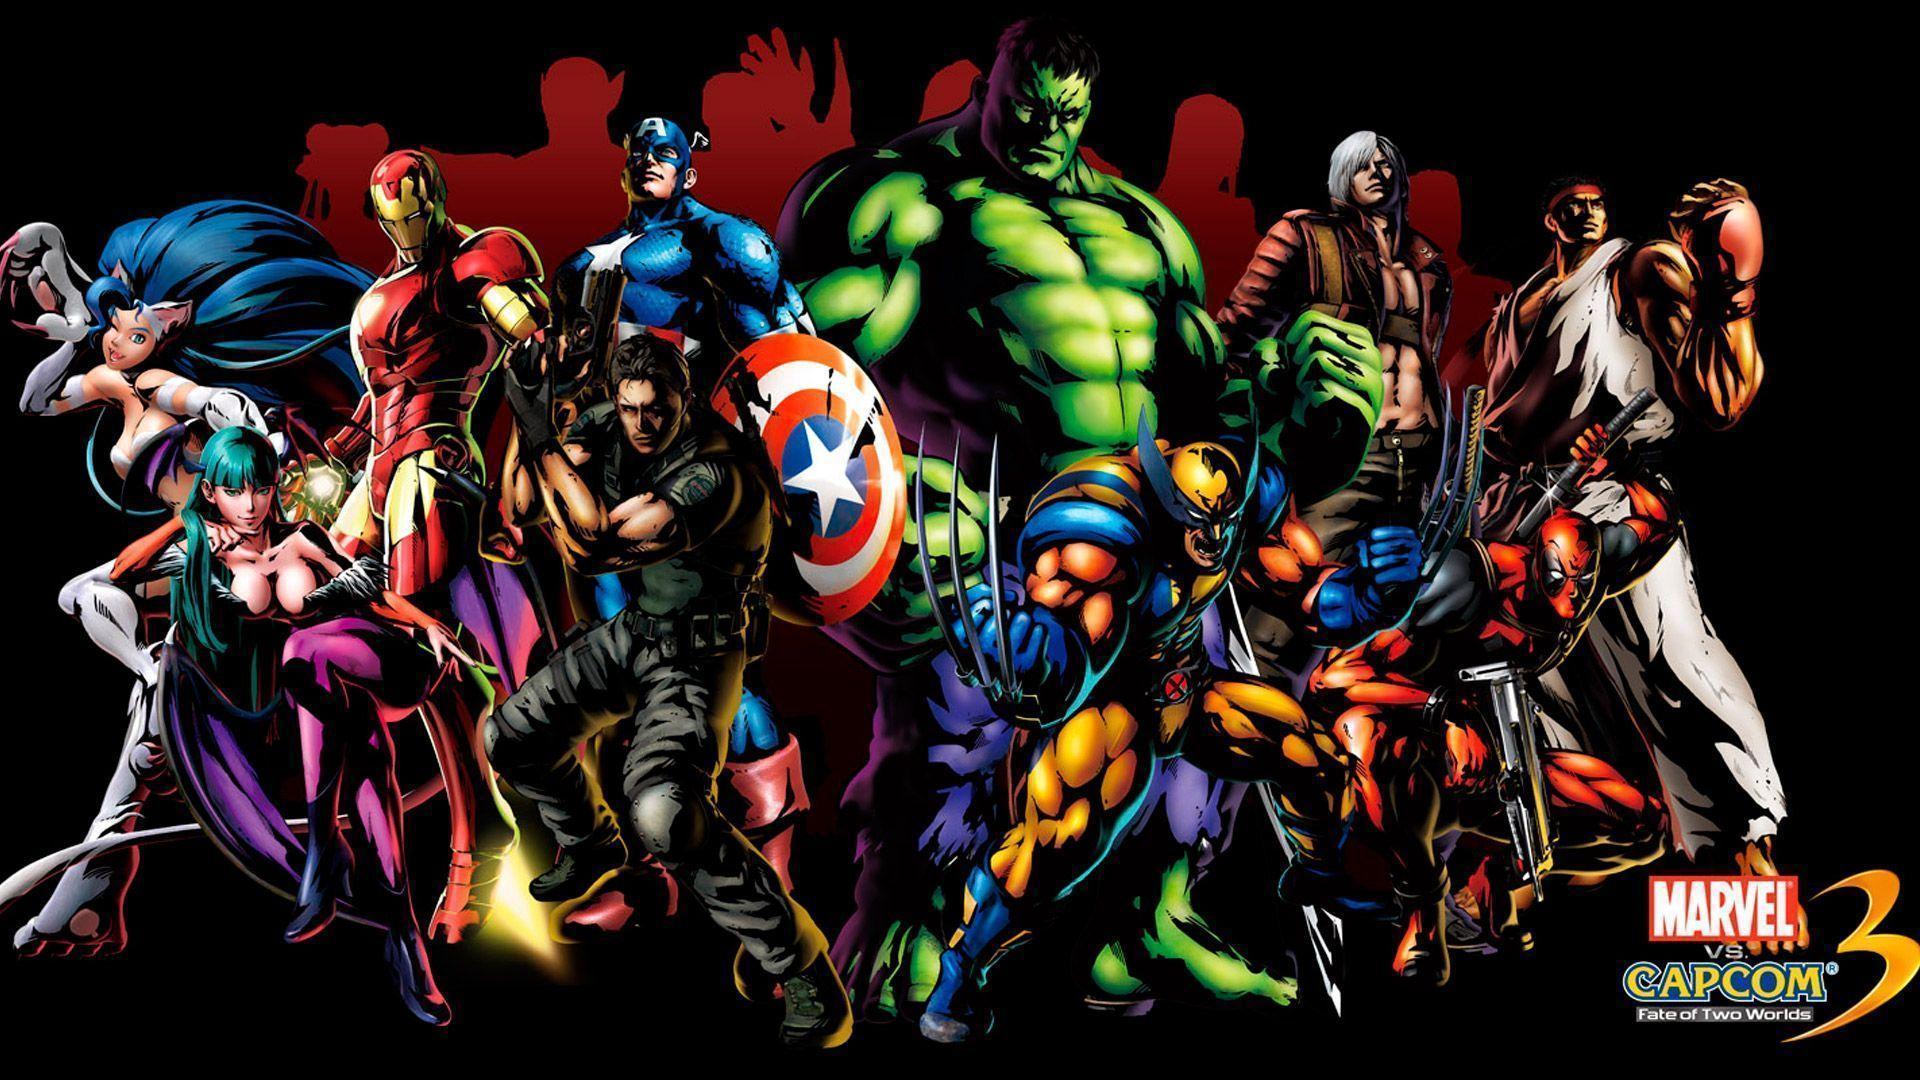 Fonds d'écran Marvel : tous les wallpapers Marvel